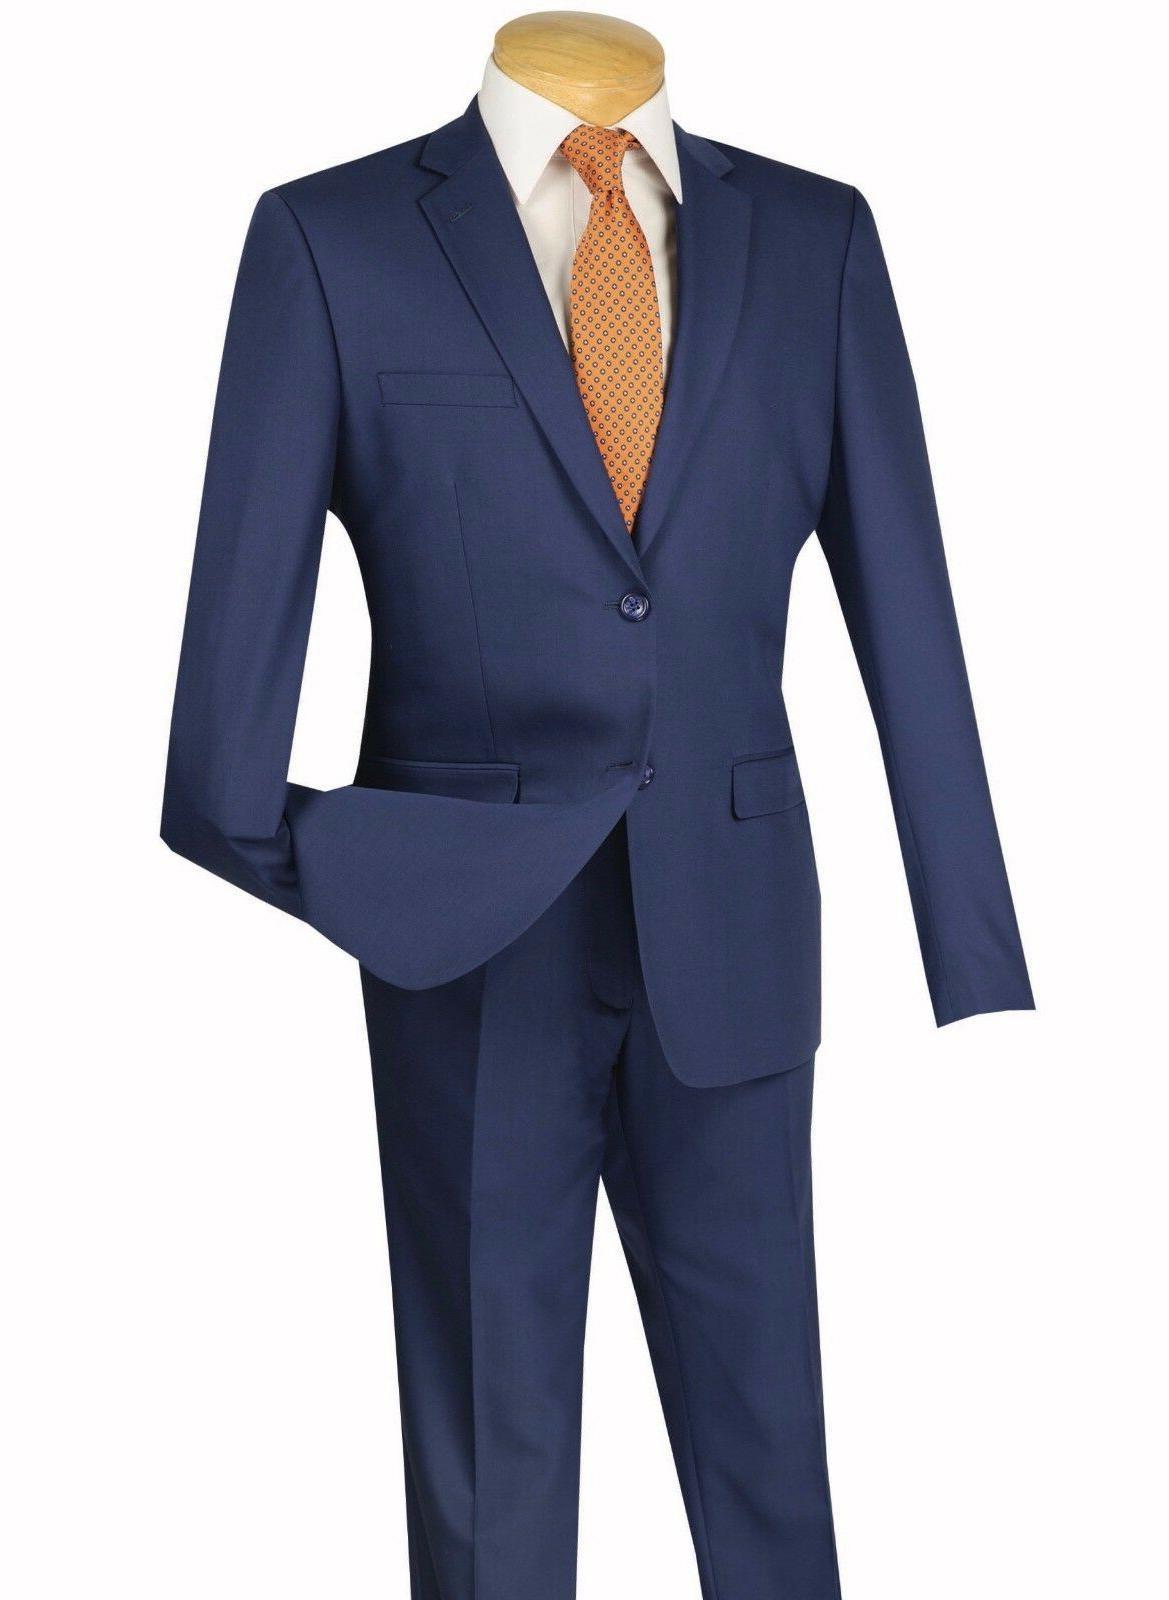 Vinci Men's 2 Extreme Slim Fit Suit